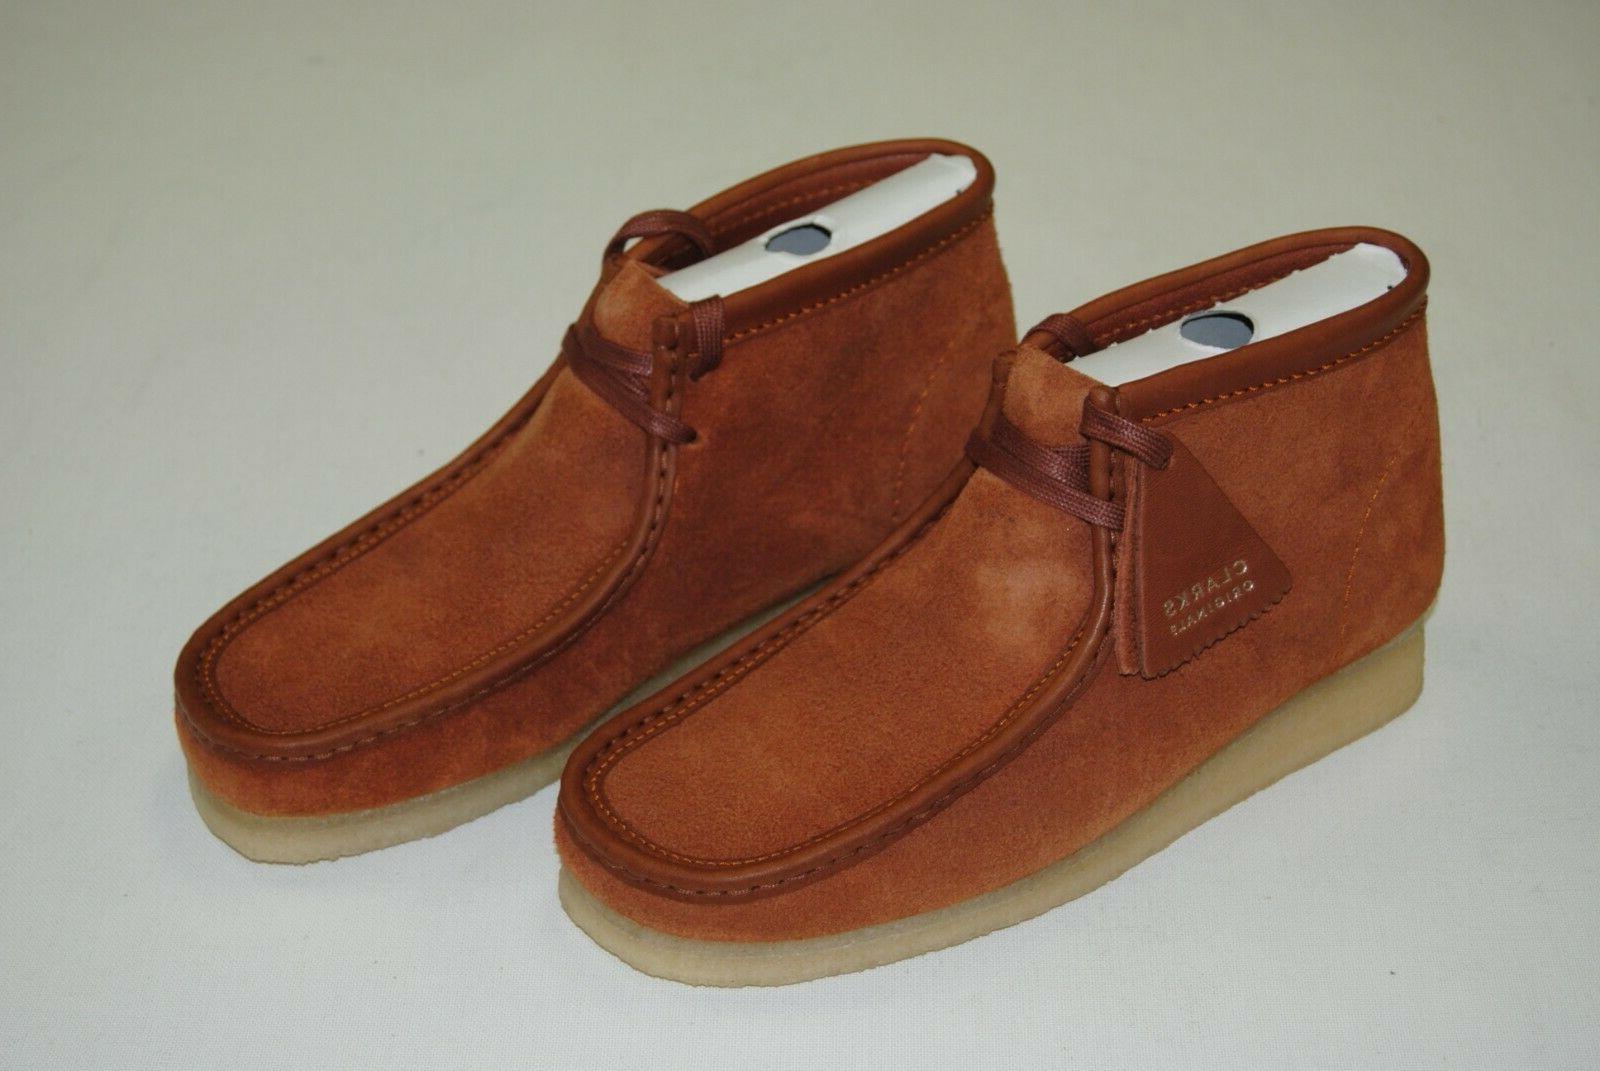 26154818 new men s wallabee boots tan